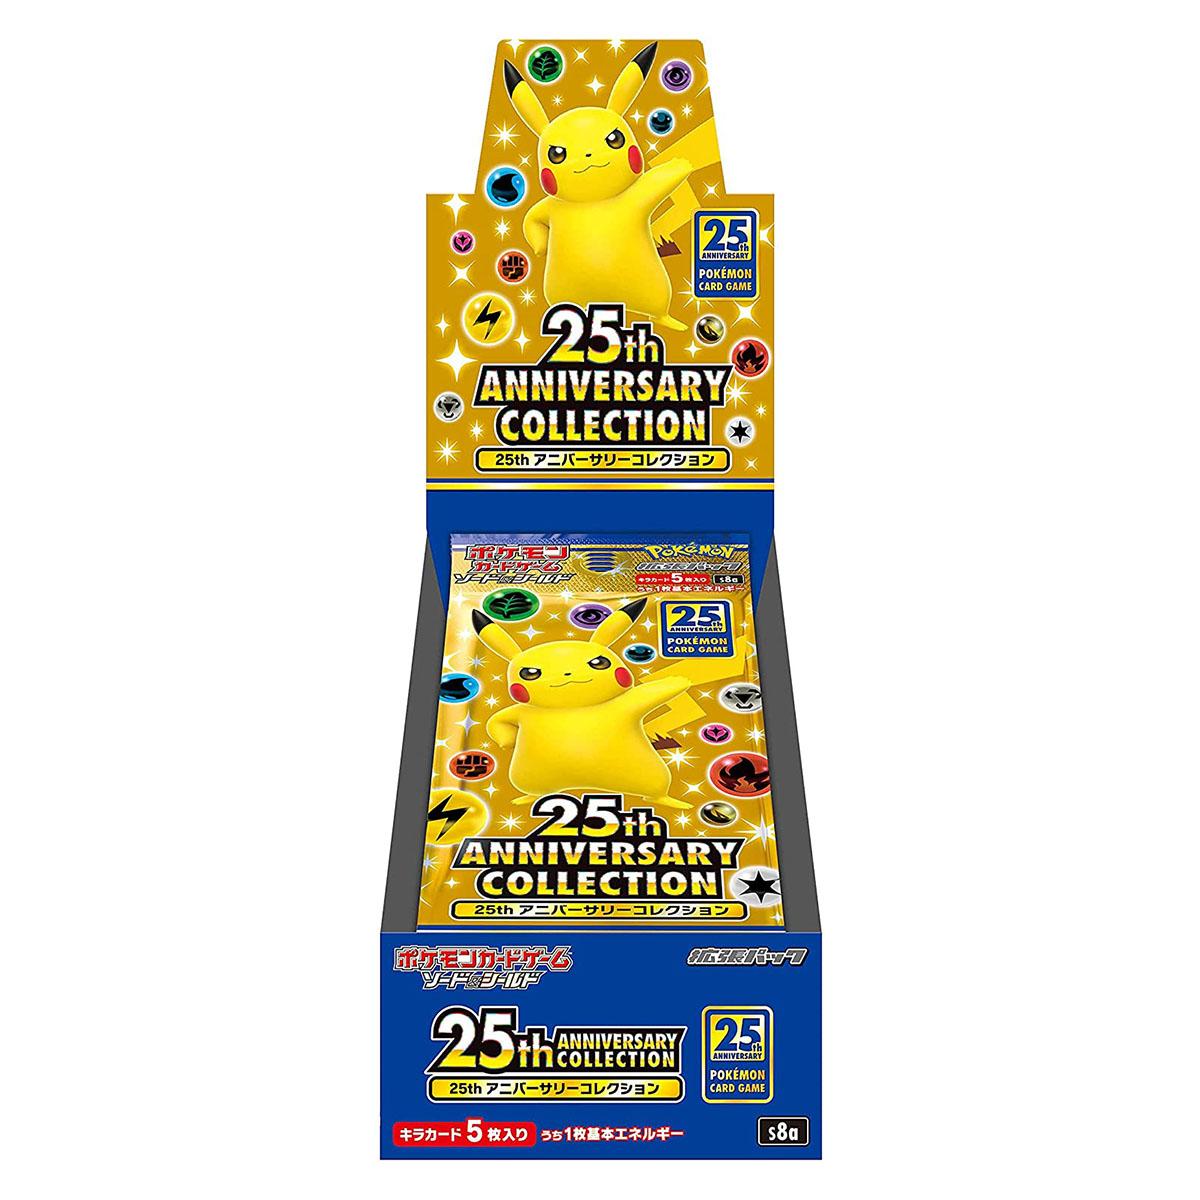 ポケモンカードゲーム ソード&シールド『拡張パック 25th ANNIVERSARY COLLECTION』BOX-001